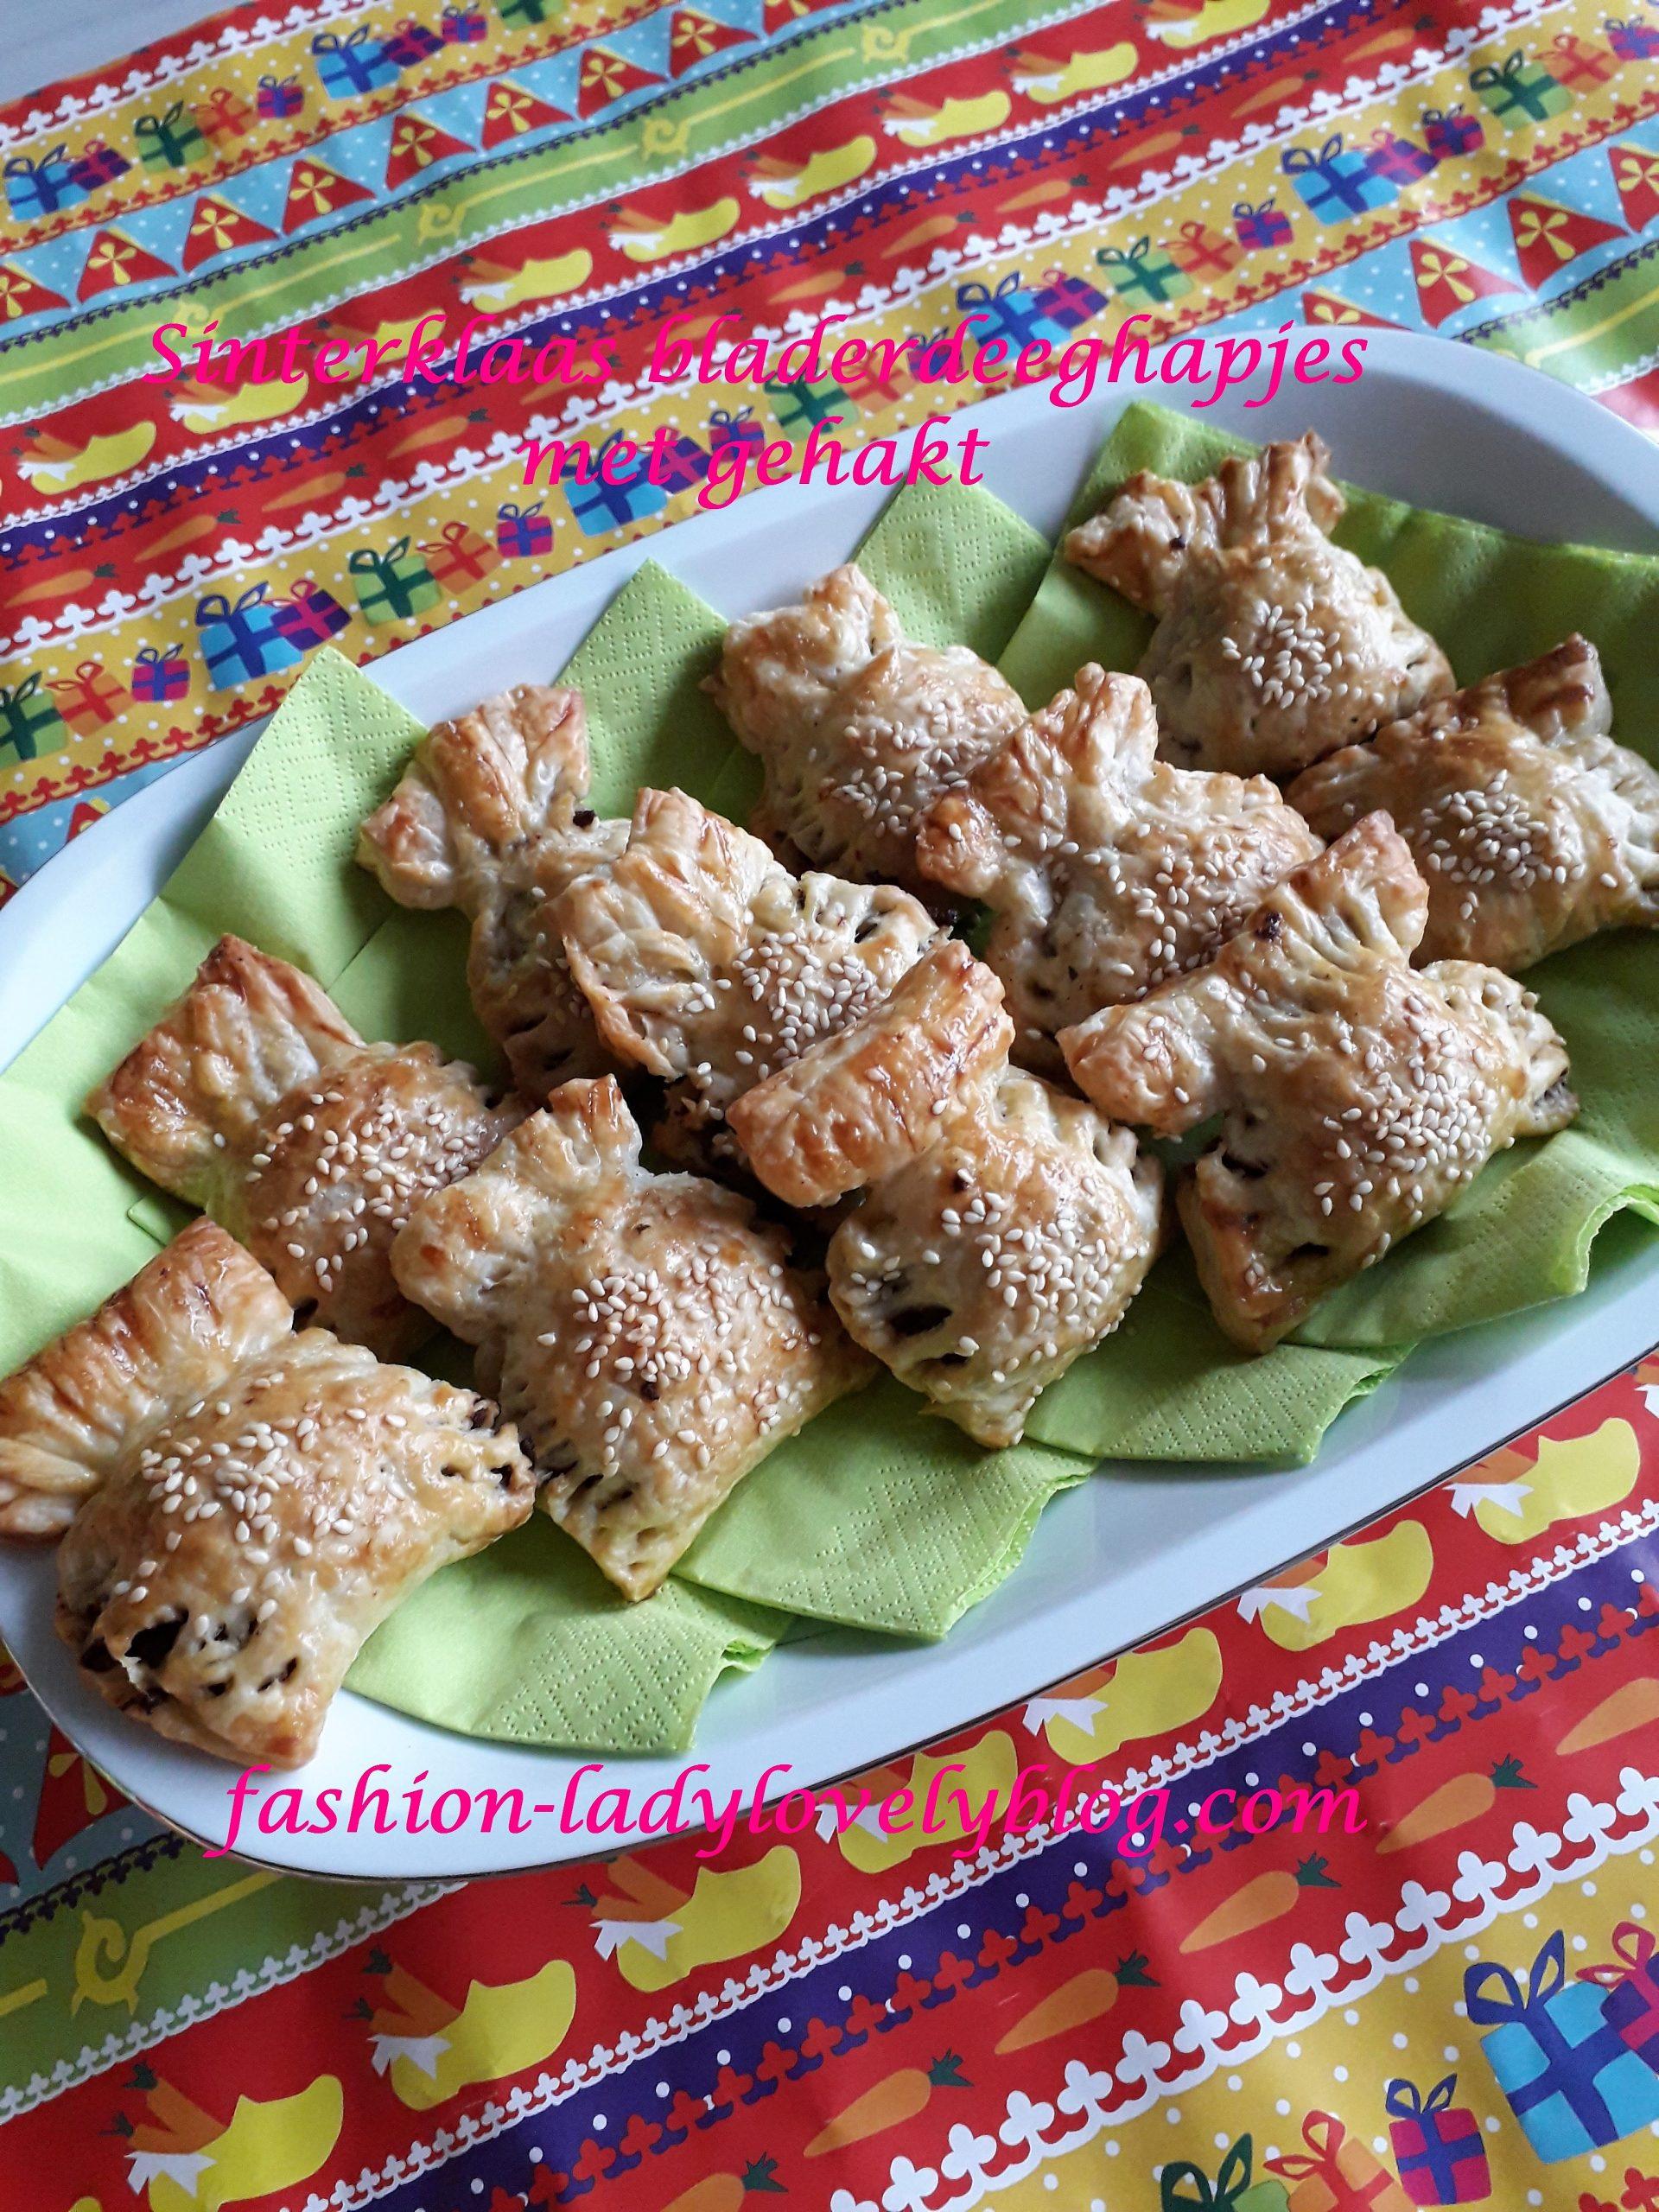 Sinterklaas bladerdeeghapjes met gehakt